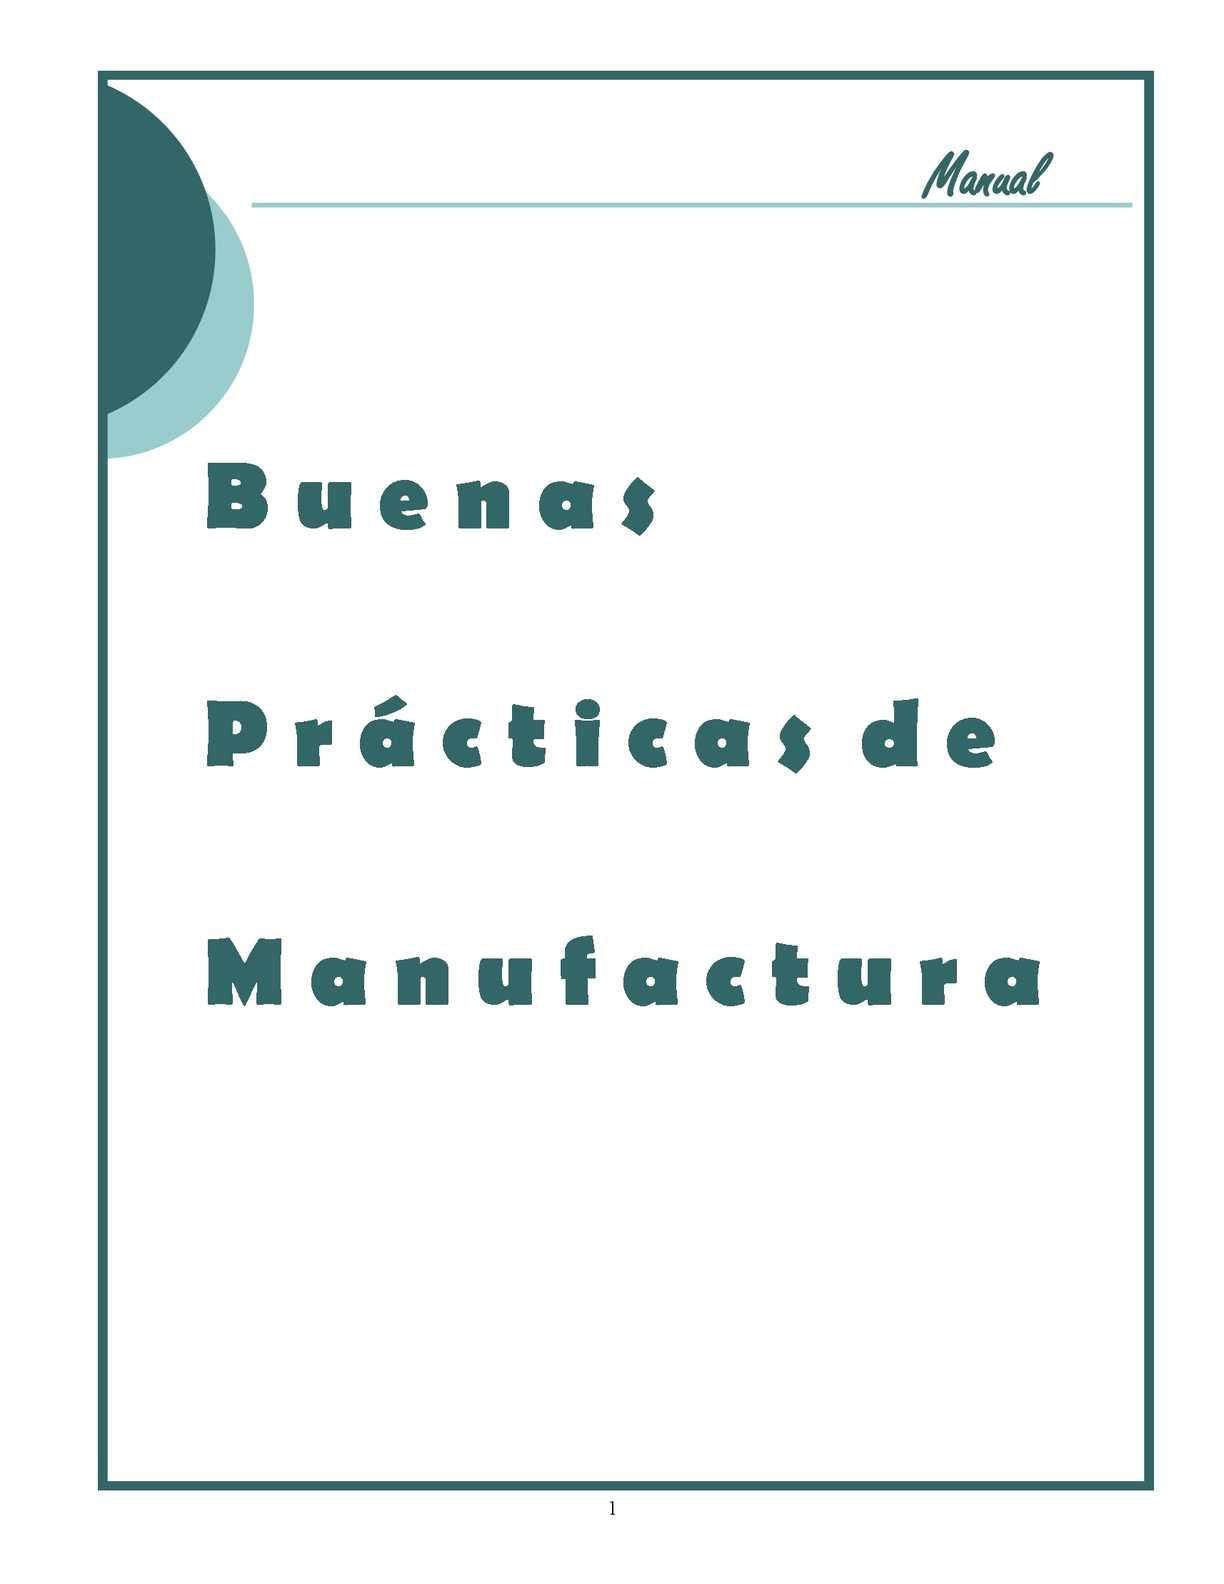 Manual Buenas Practicas de Manufactura